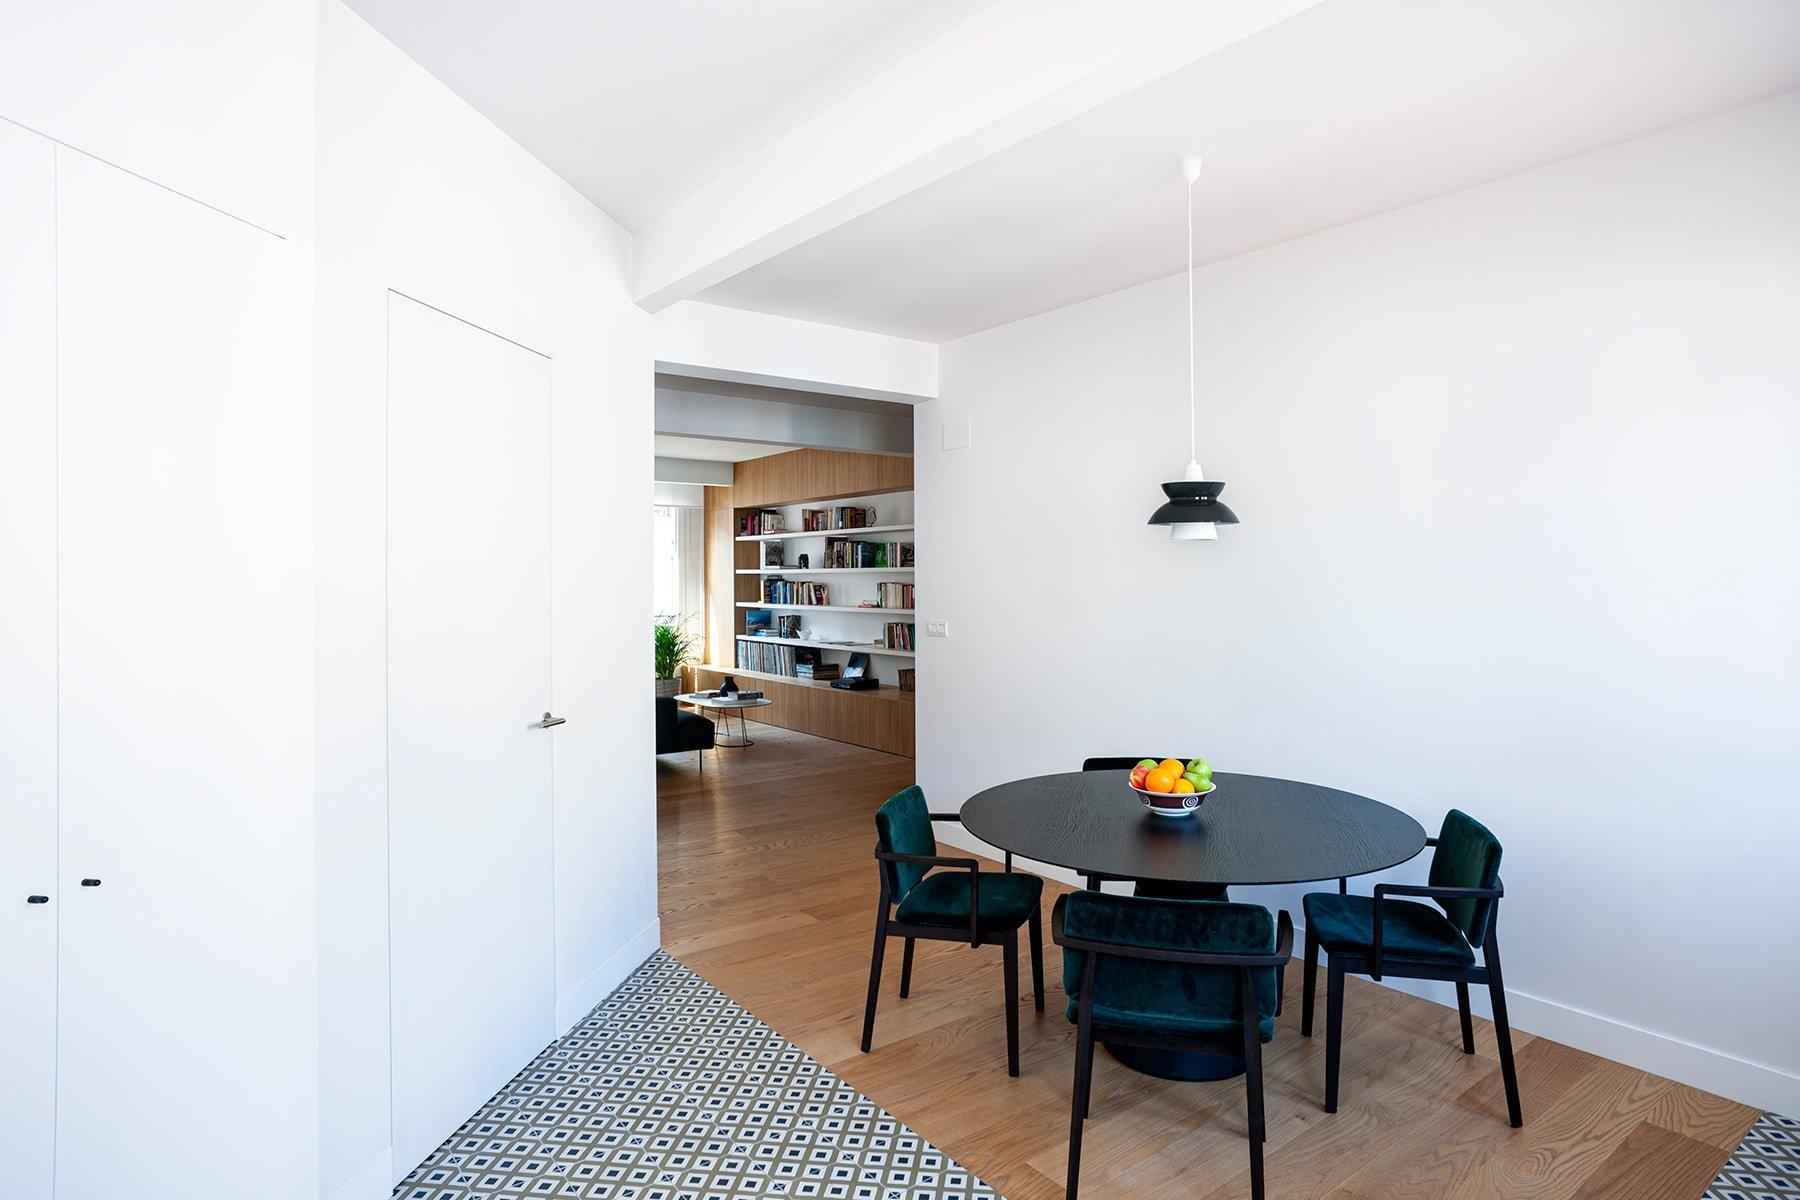 Arquitectura innovadora: la casa Alap, en Bilbao, consigue una gran amplitud y luminosidad gracias a una descompartimentación de la distribución.